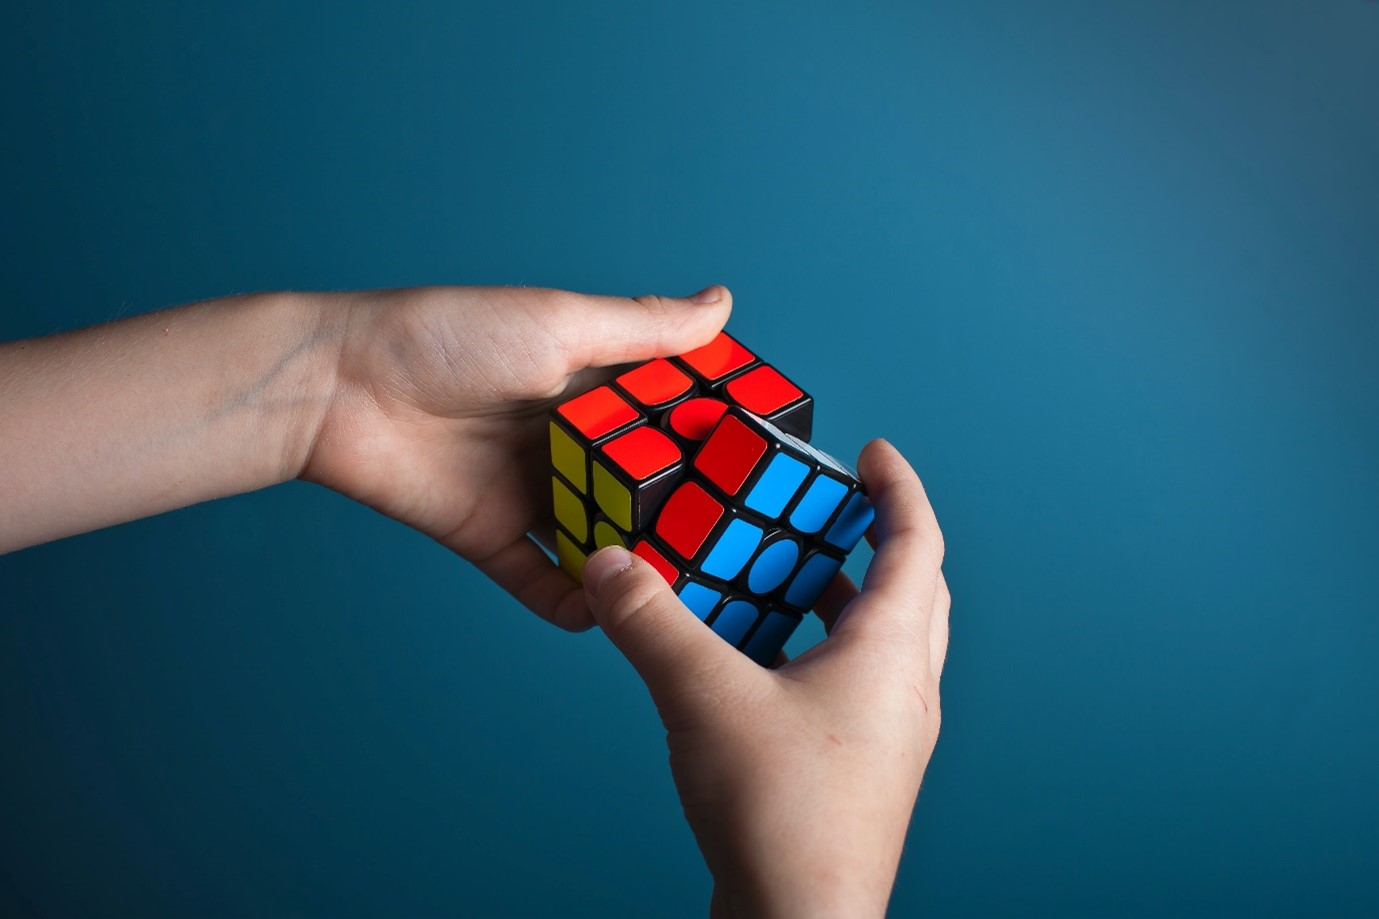 Mengasah Kemahiran Penyelesaian Masalah